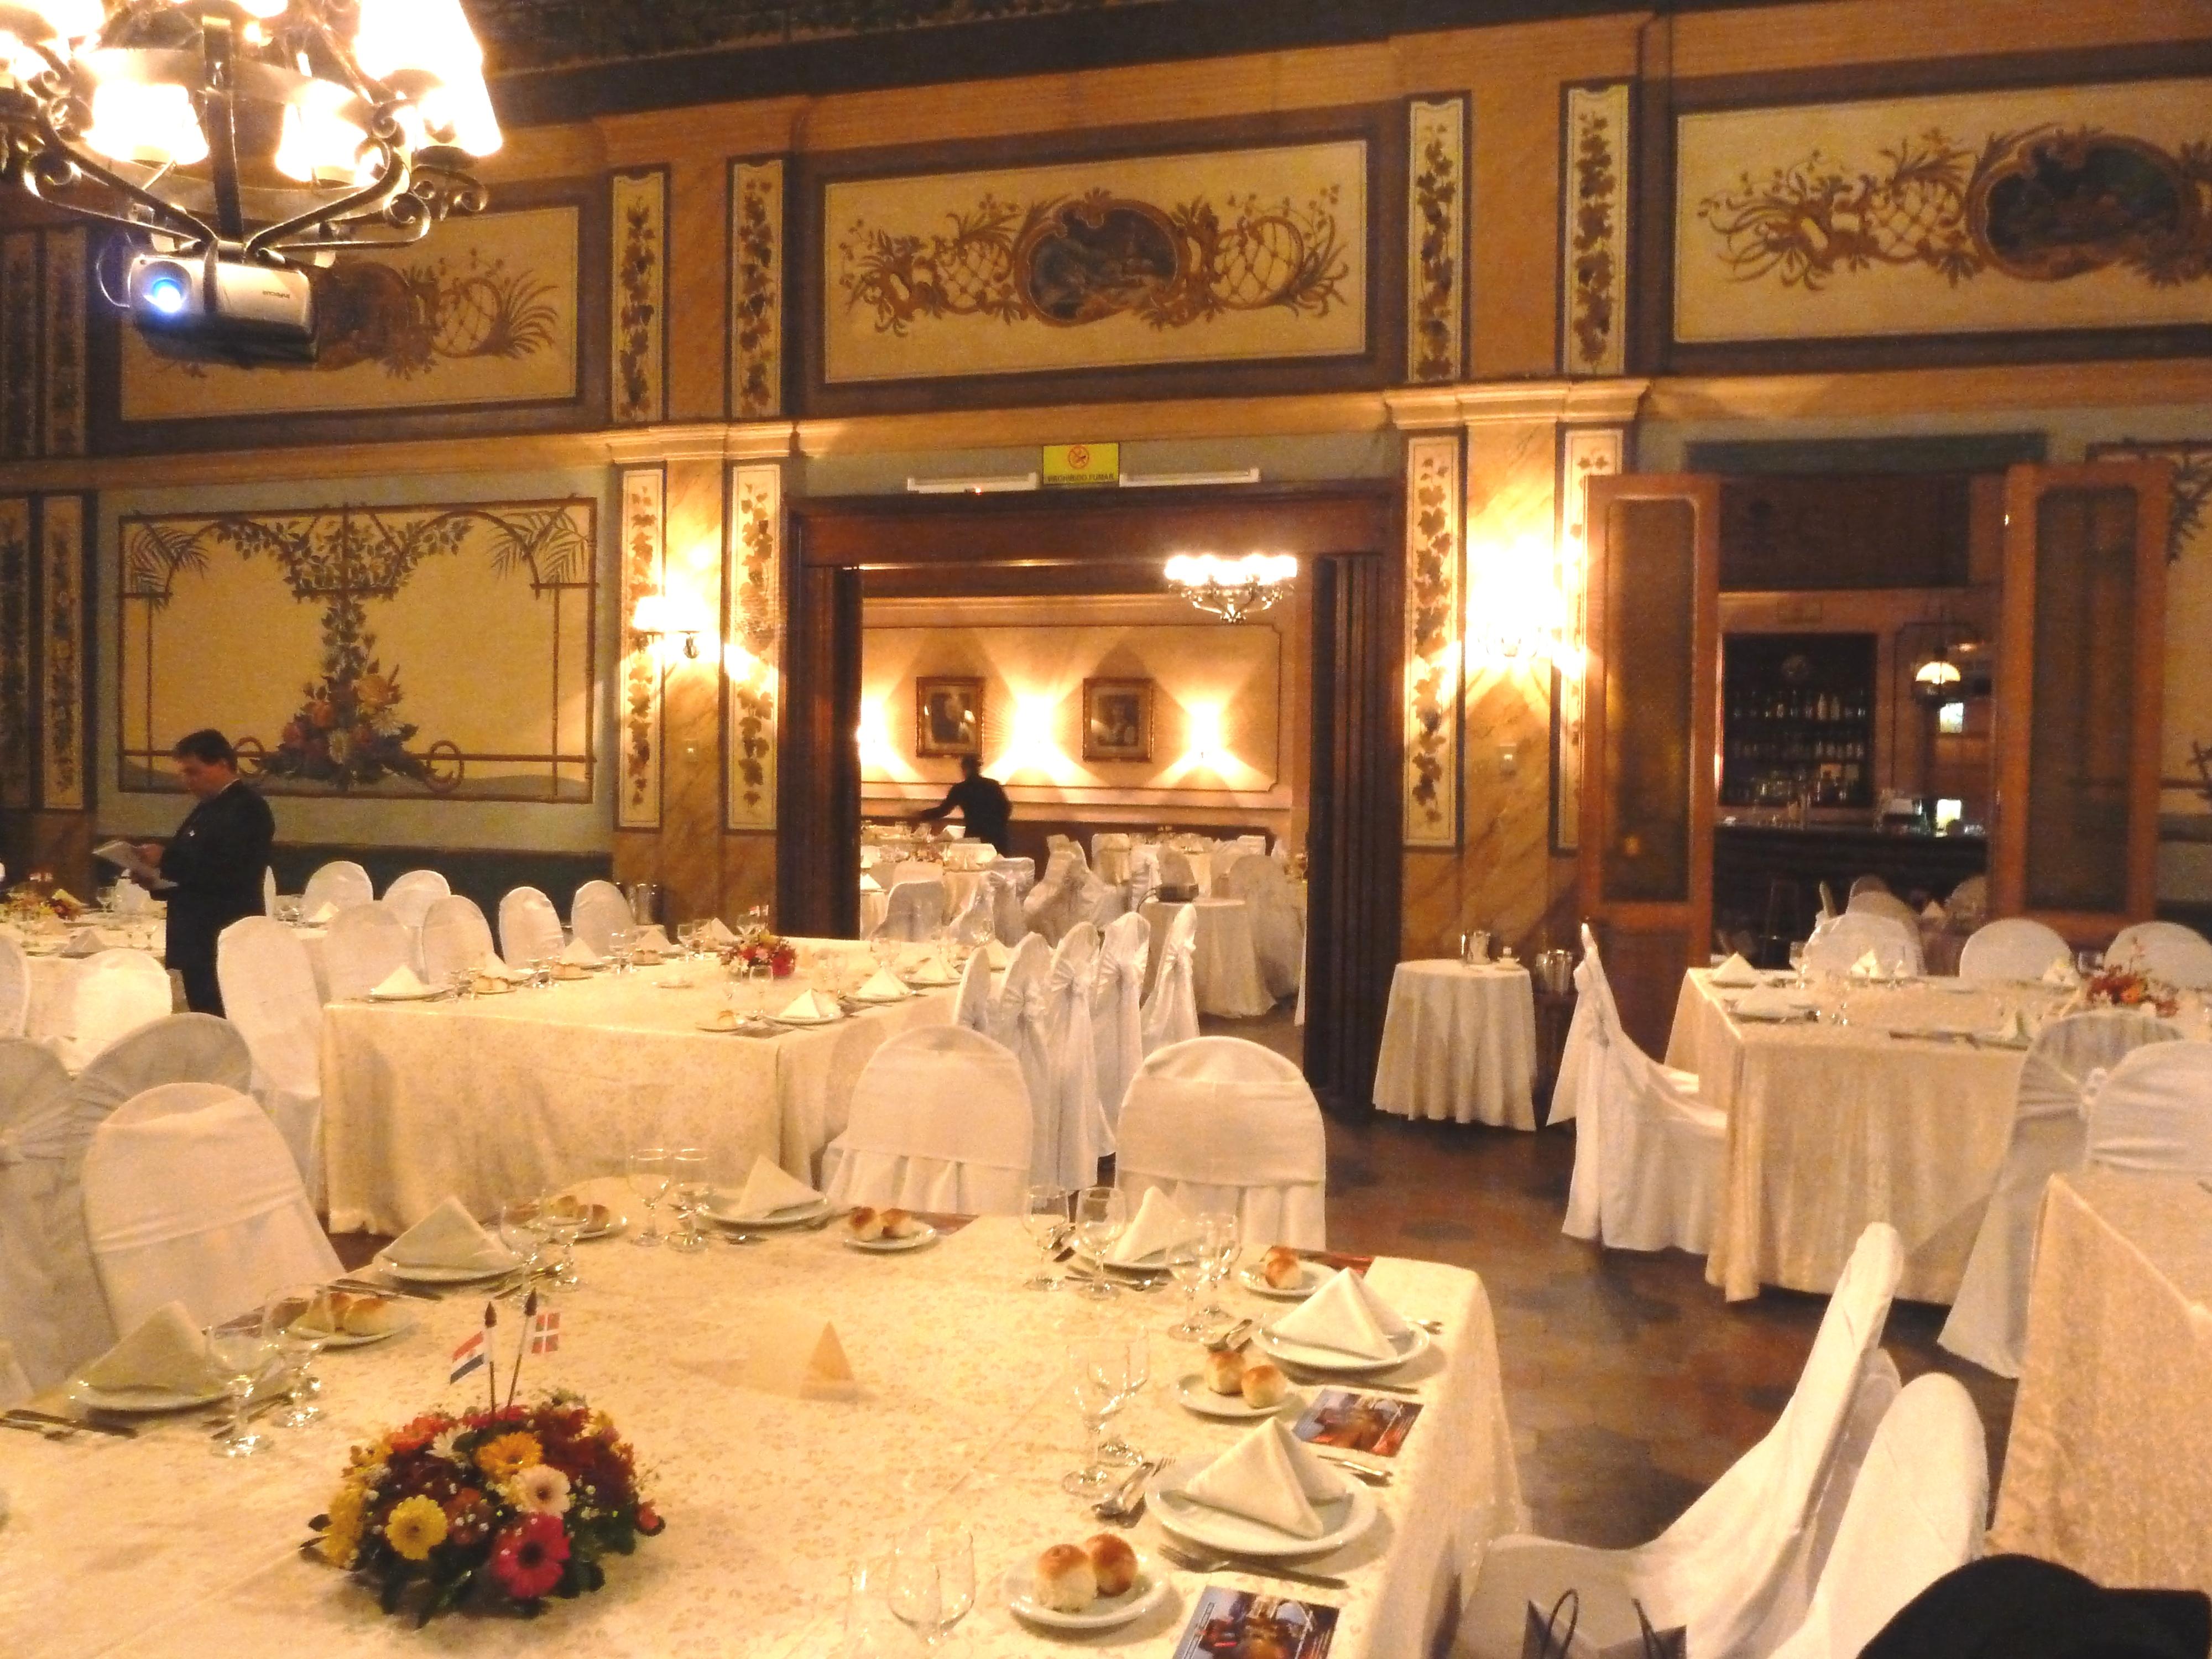 banquete2.jpg